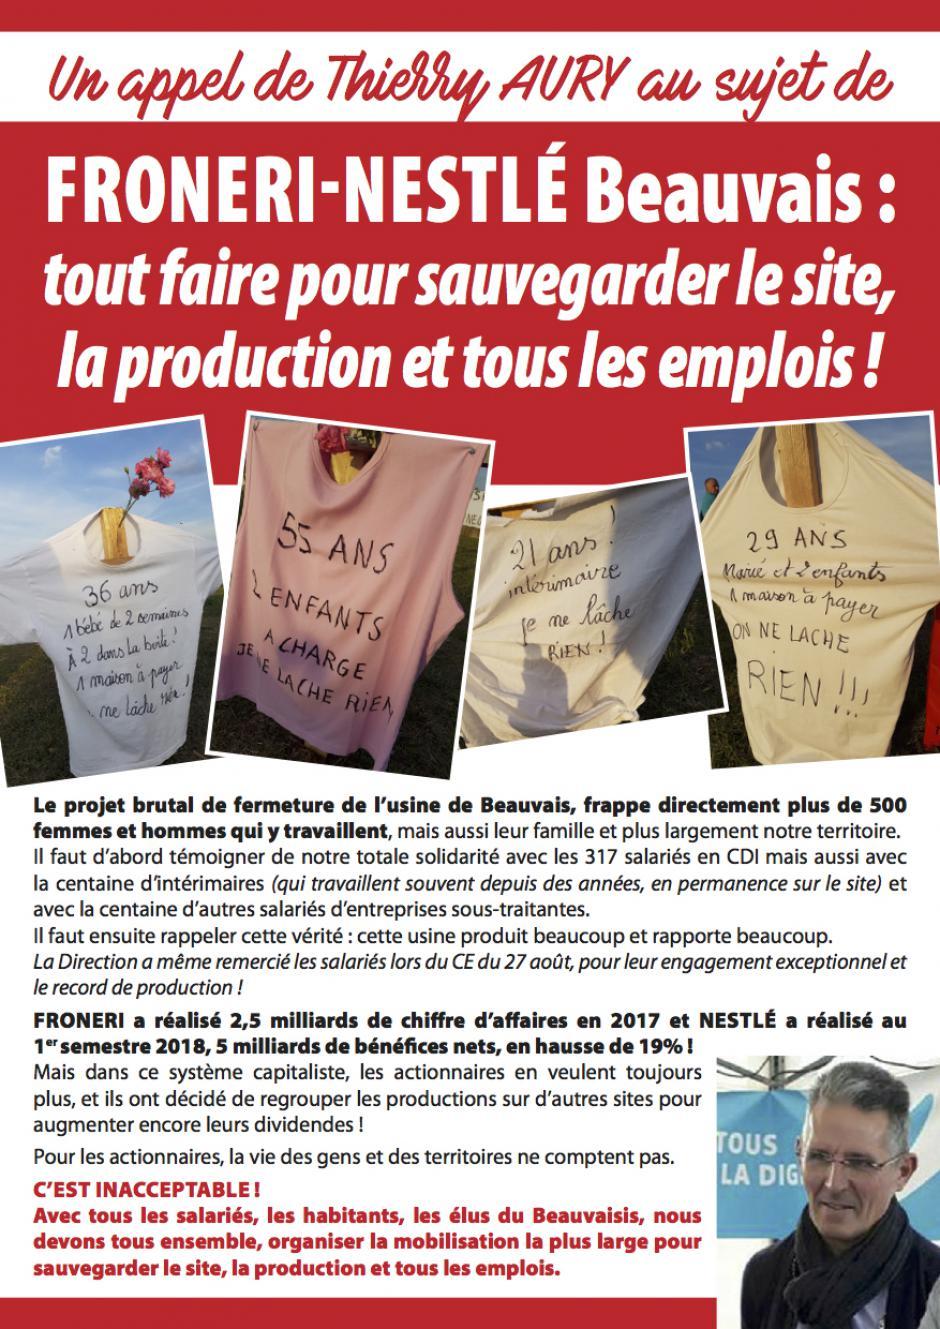 26 octobre, Beauvais - Rencontre-débat avec les salariés de Froneri-Nestlé